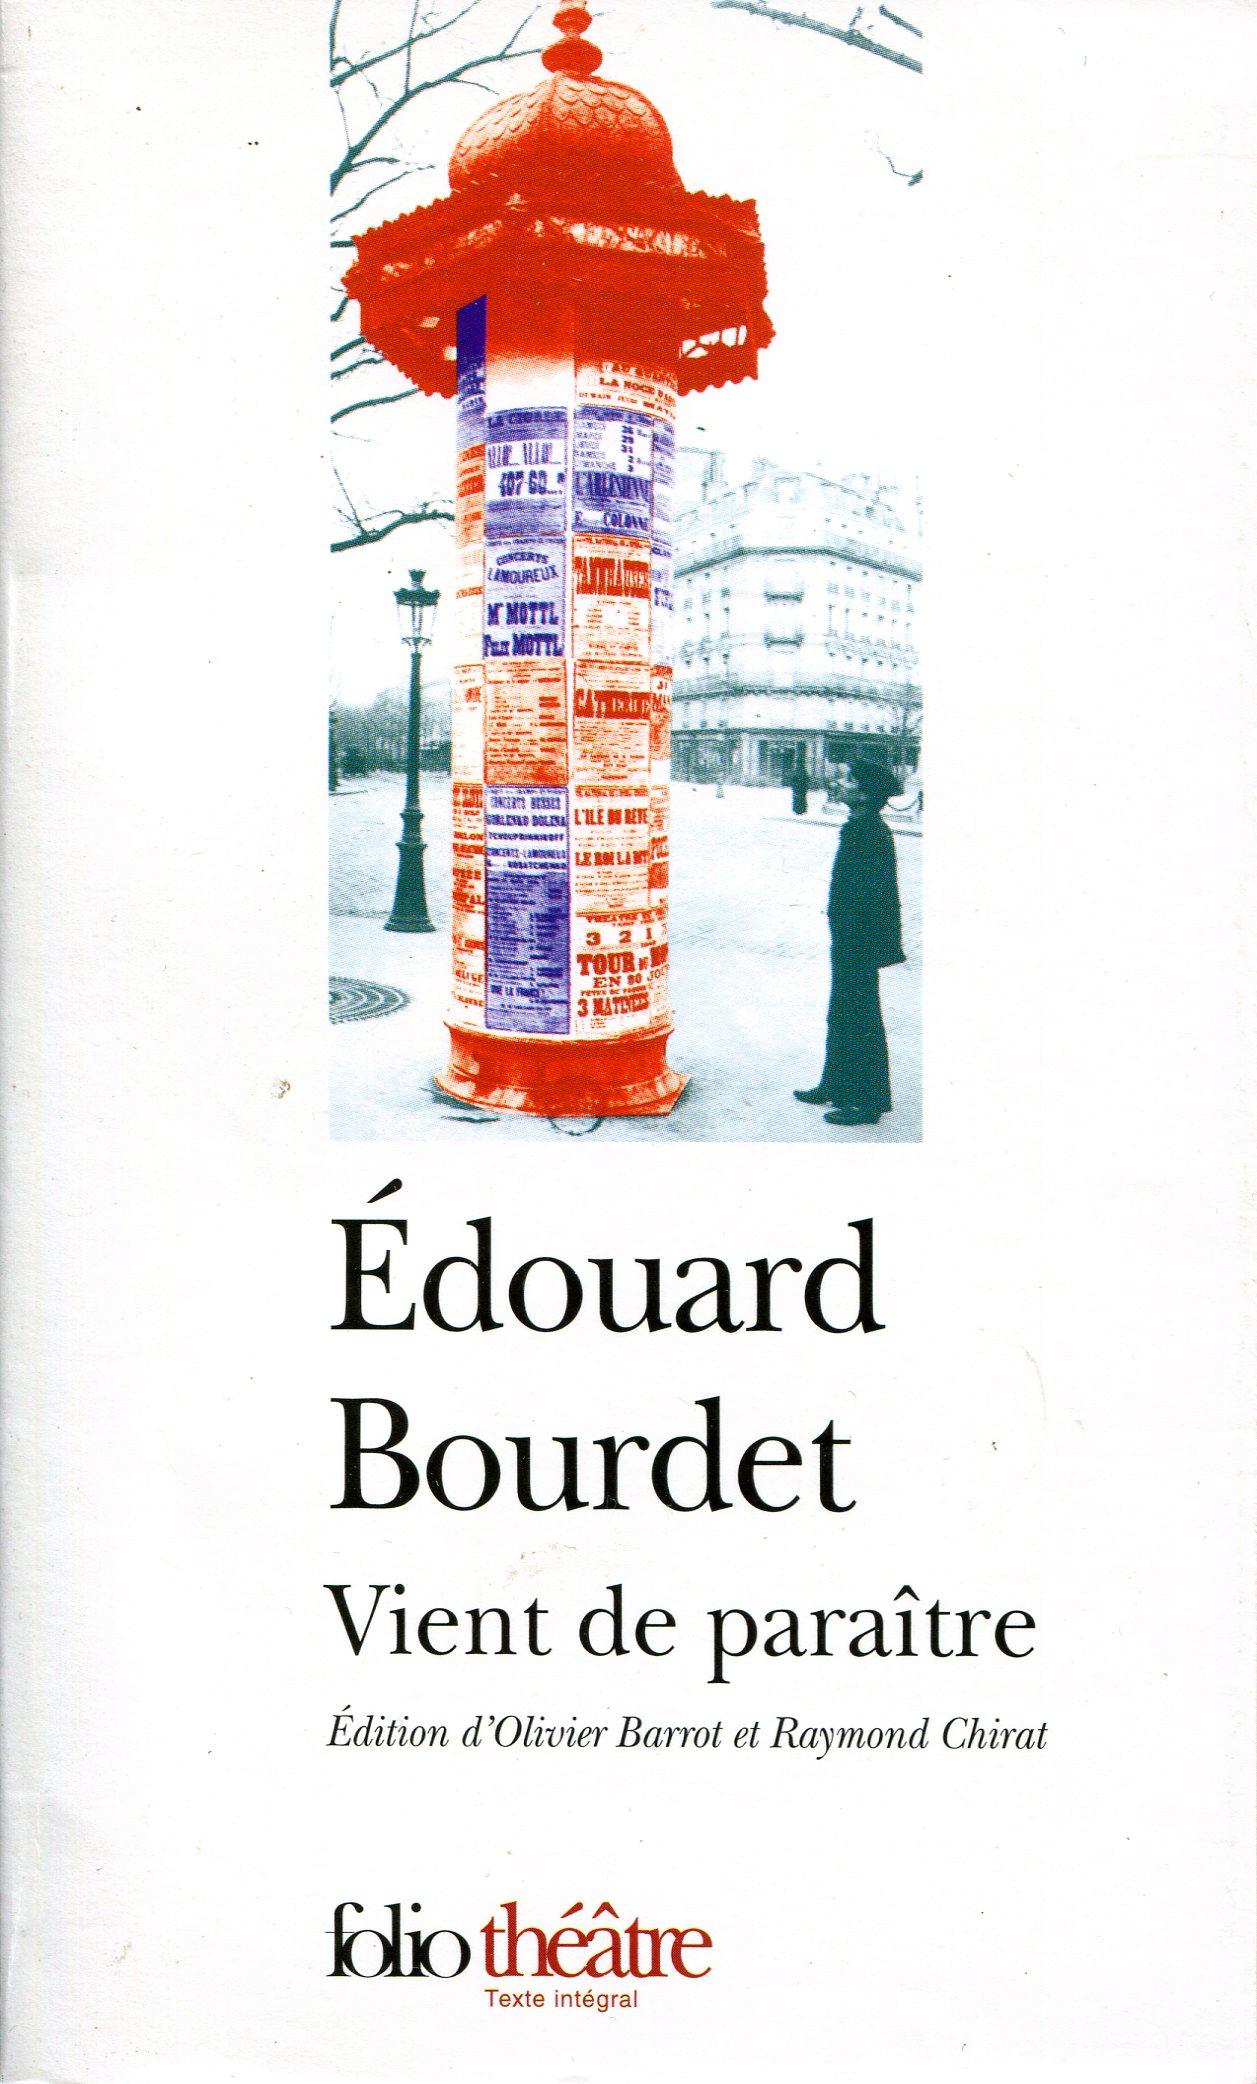 1927 Bourdet Edouard Vient de paraître.jpg